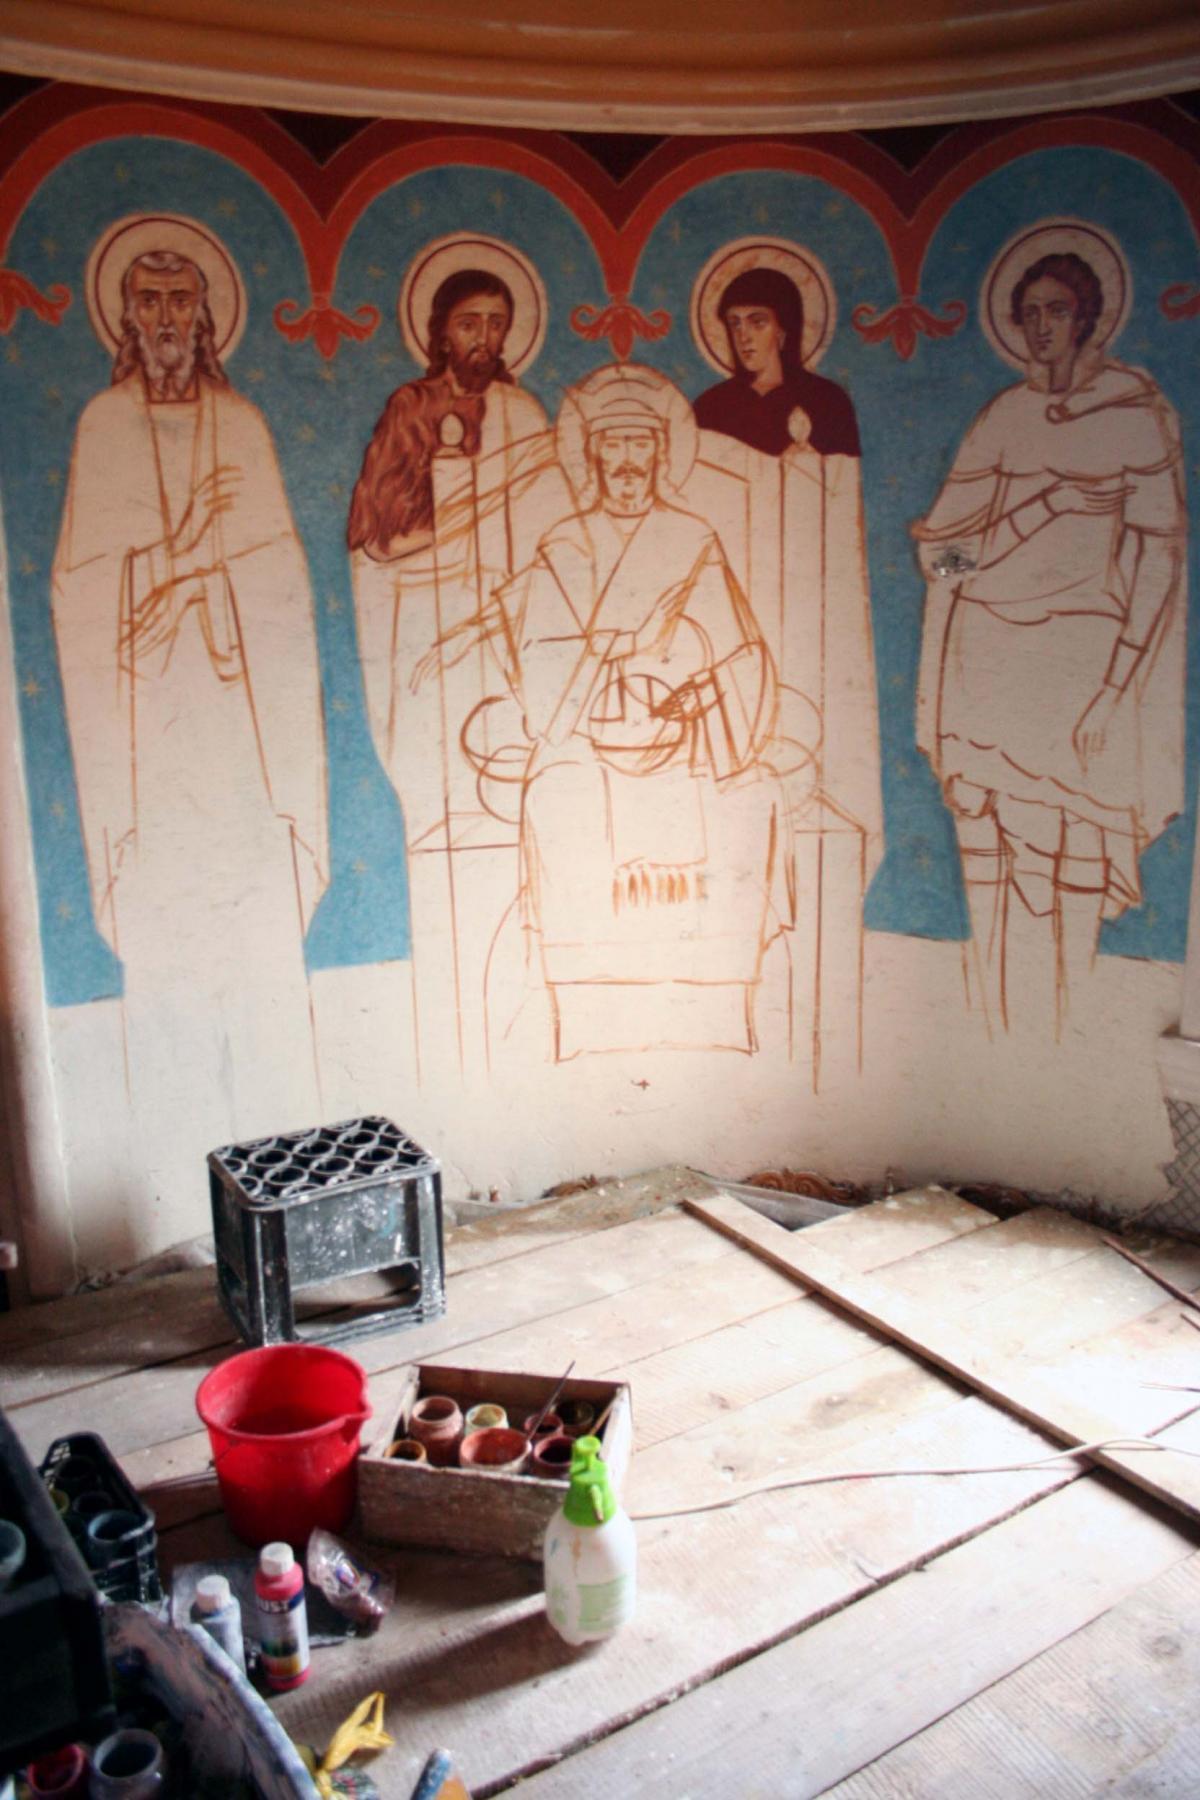 Șantierul pictorului Constantin Bârleanu